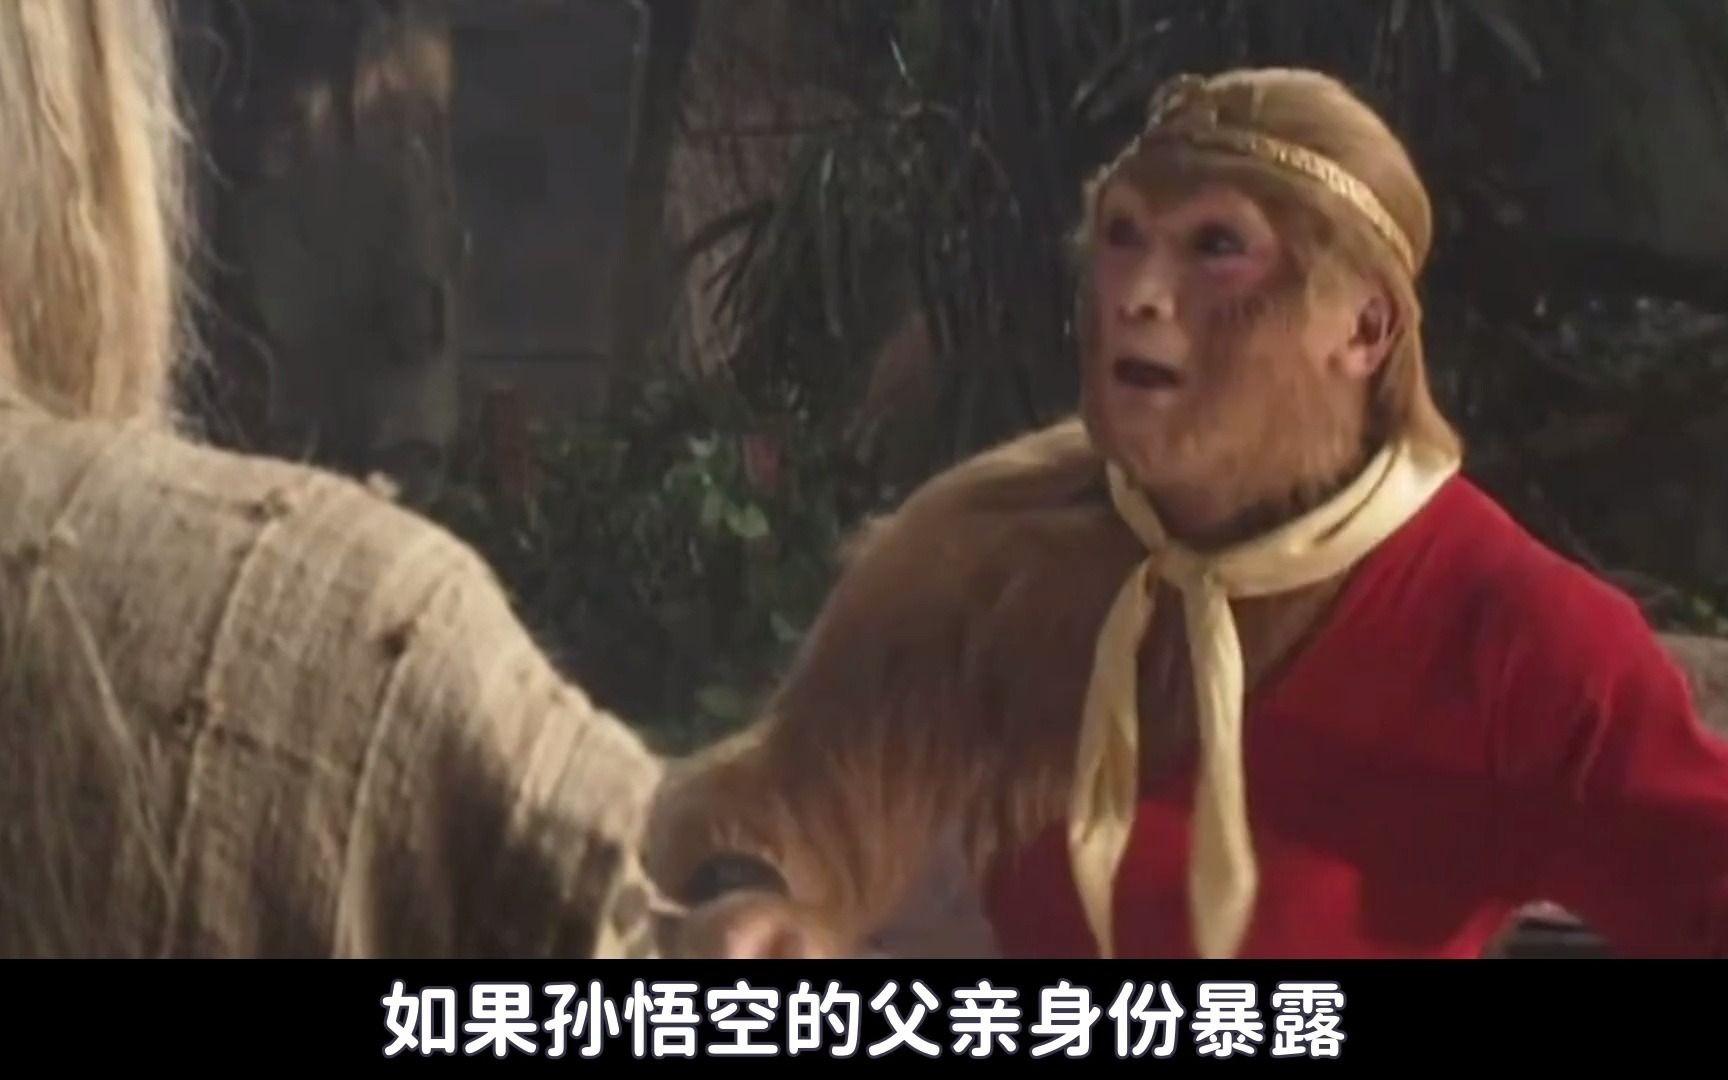 【西游记】孙悟空的父亲遭曝光?让玉帝惧怕,让如来尊敬,连观音都后悔了!